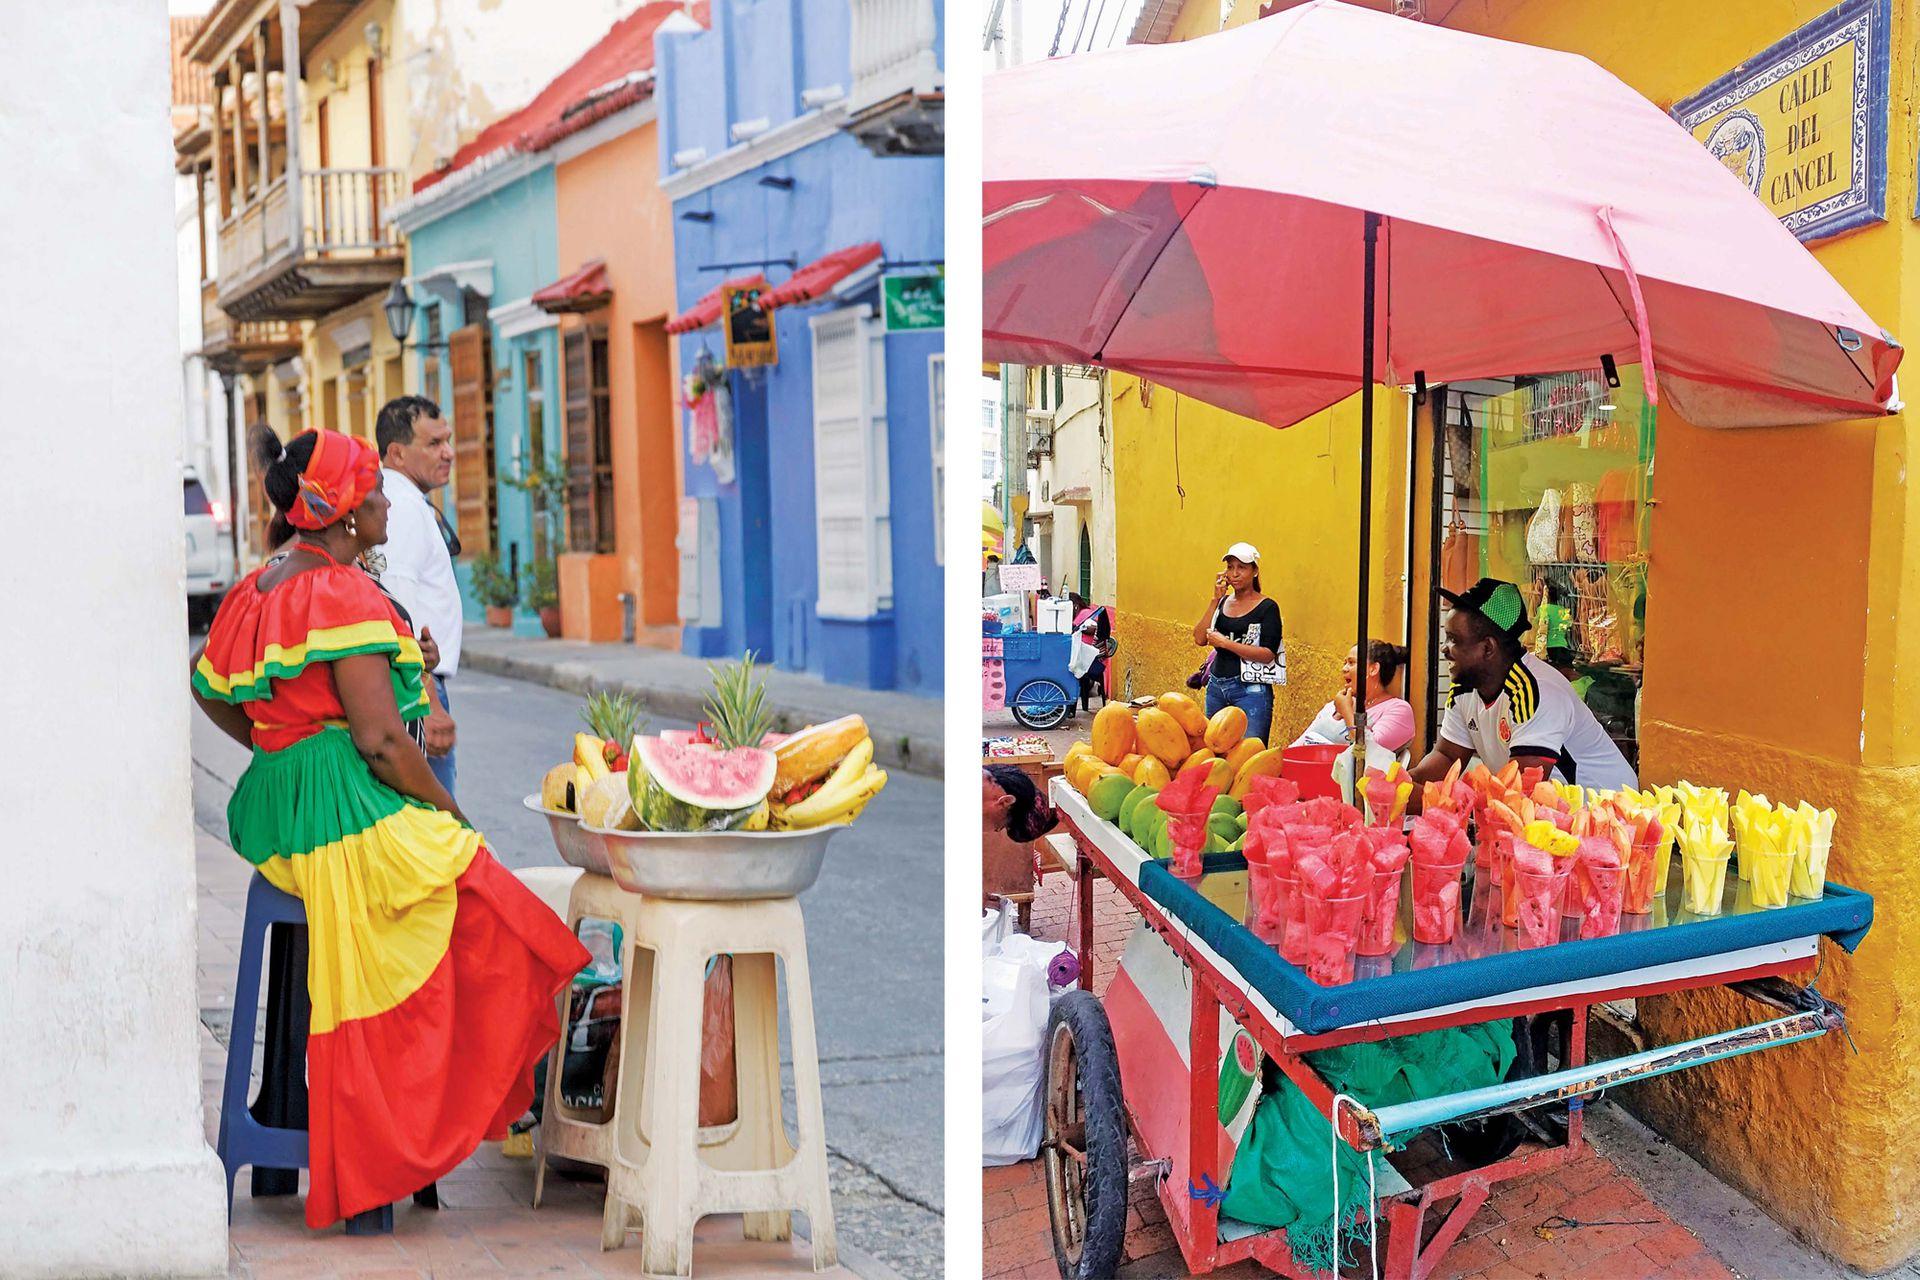 En la tórrida Cartagena, no sabemos si nos detenemos en los puestos de fruta por su frescura, su sabor, su color, o la simple curiosidad ante tantas que no conocemos.